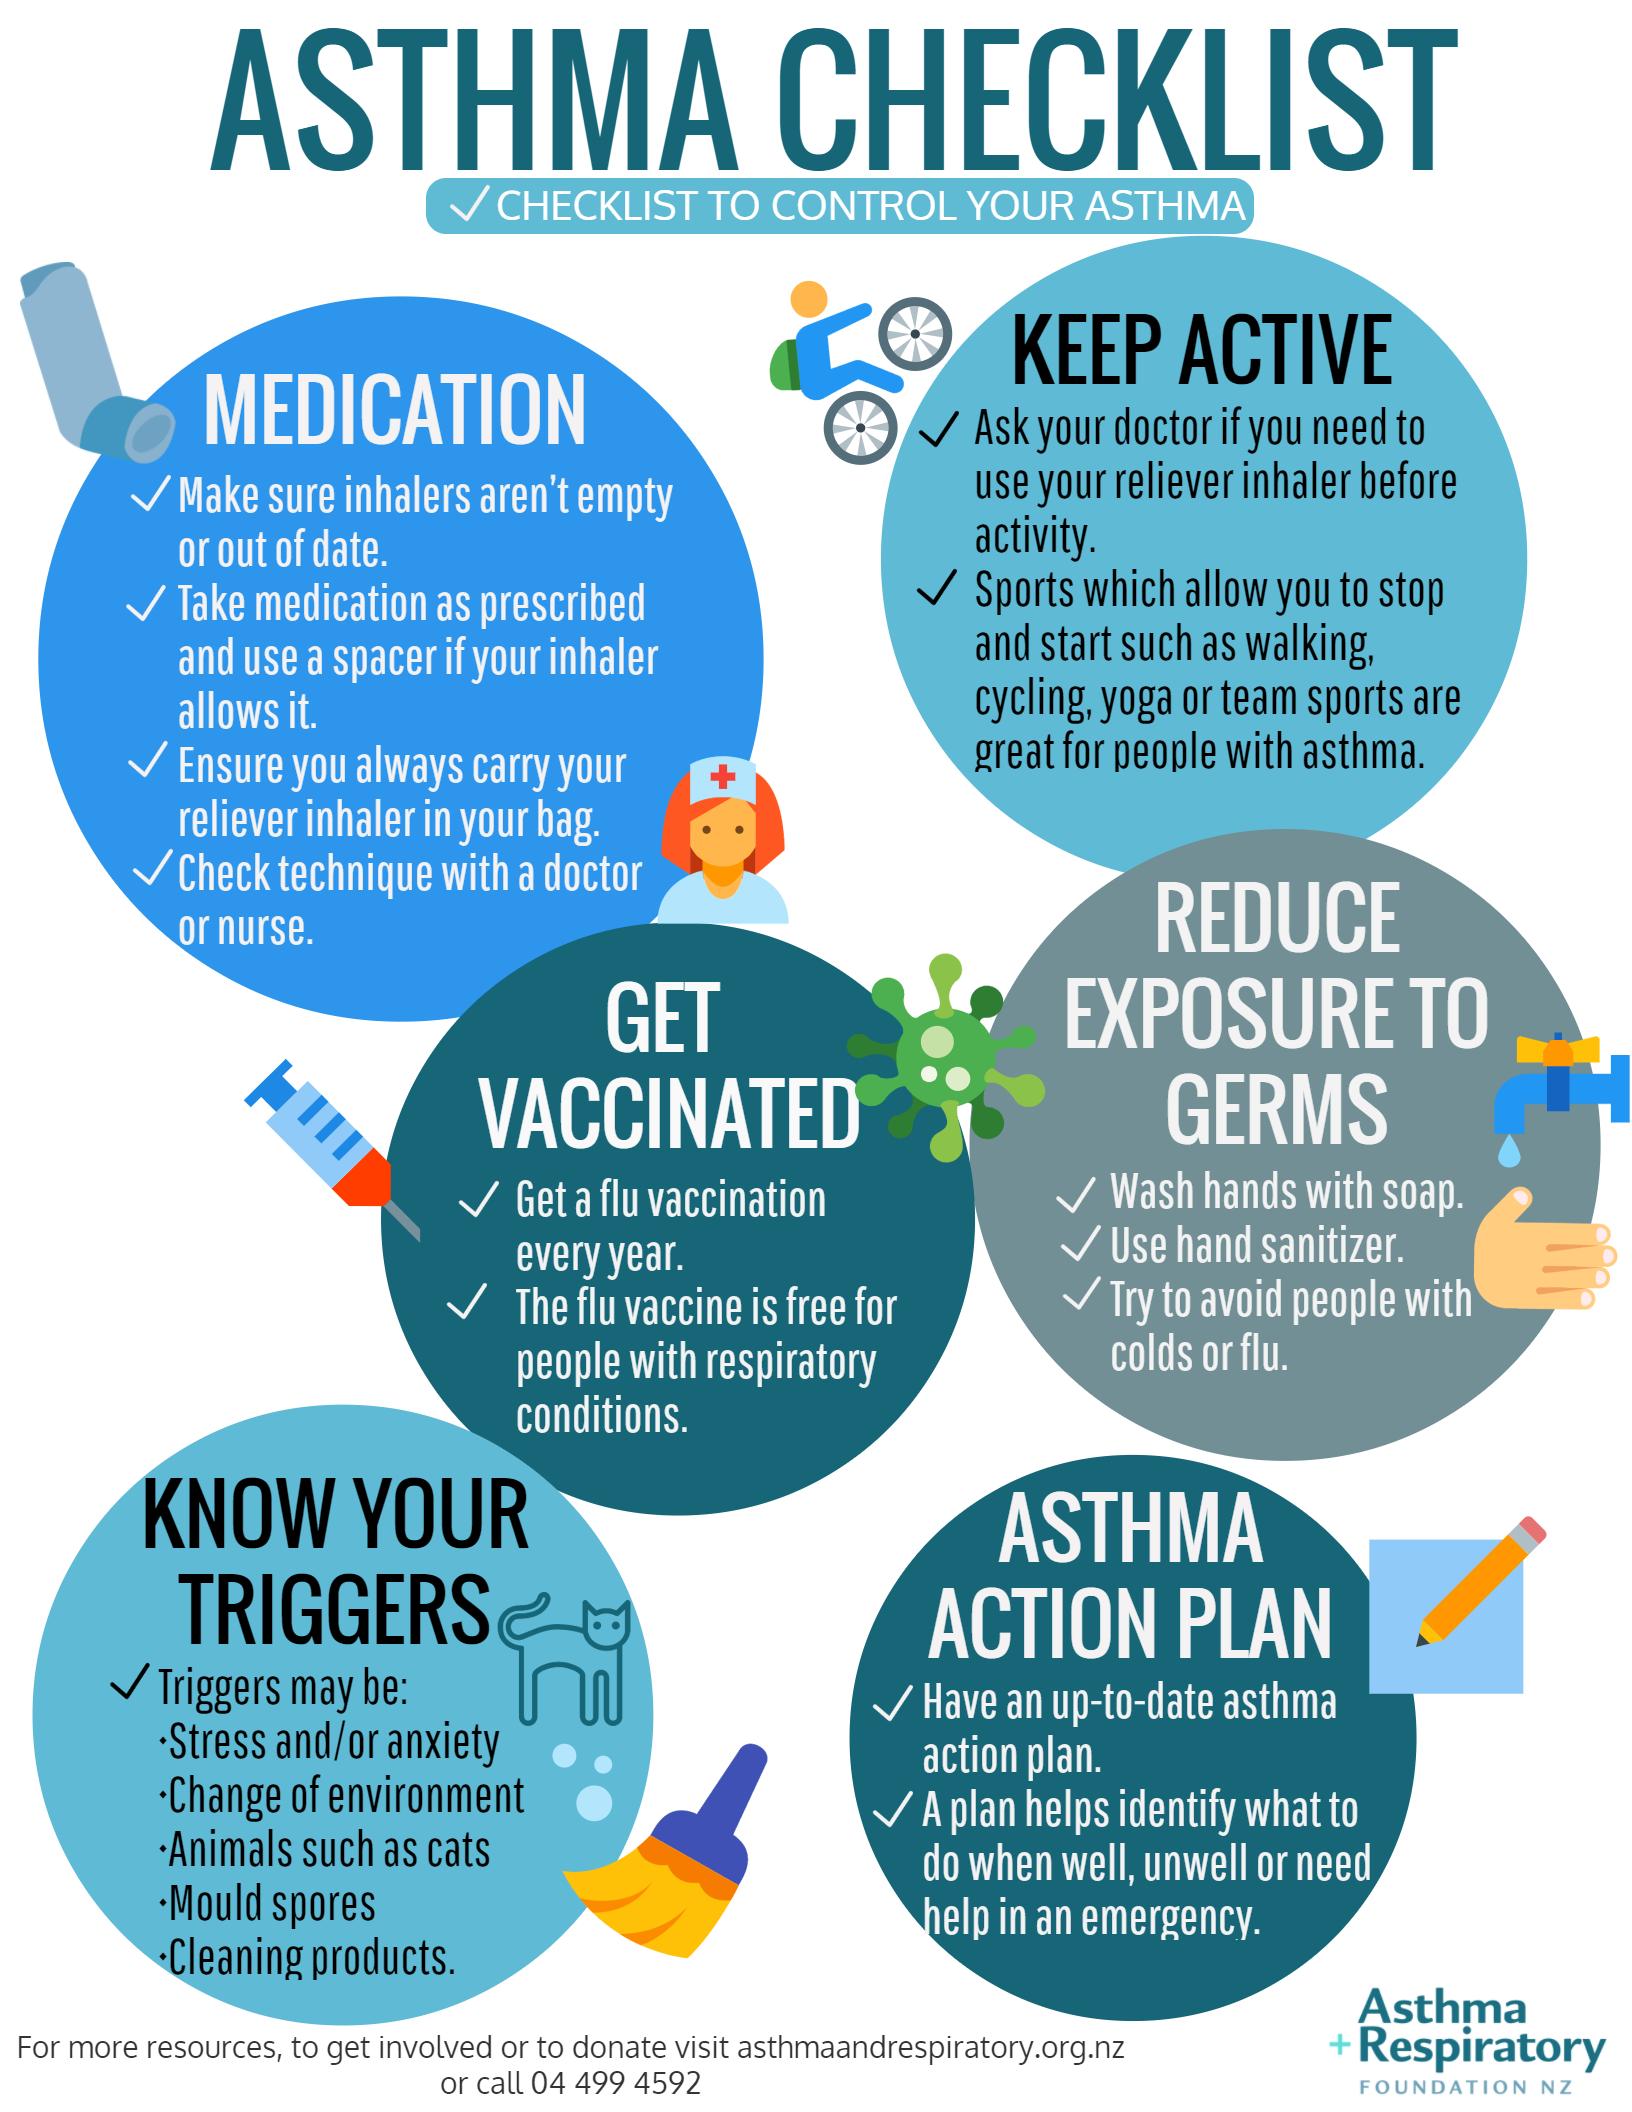 Asthma checklist